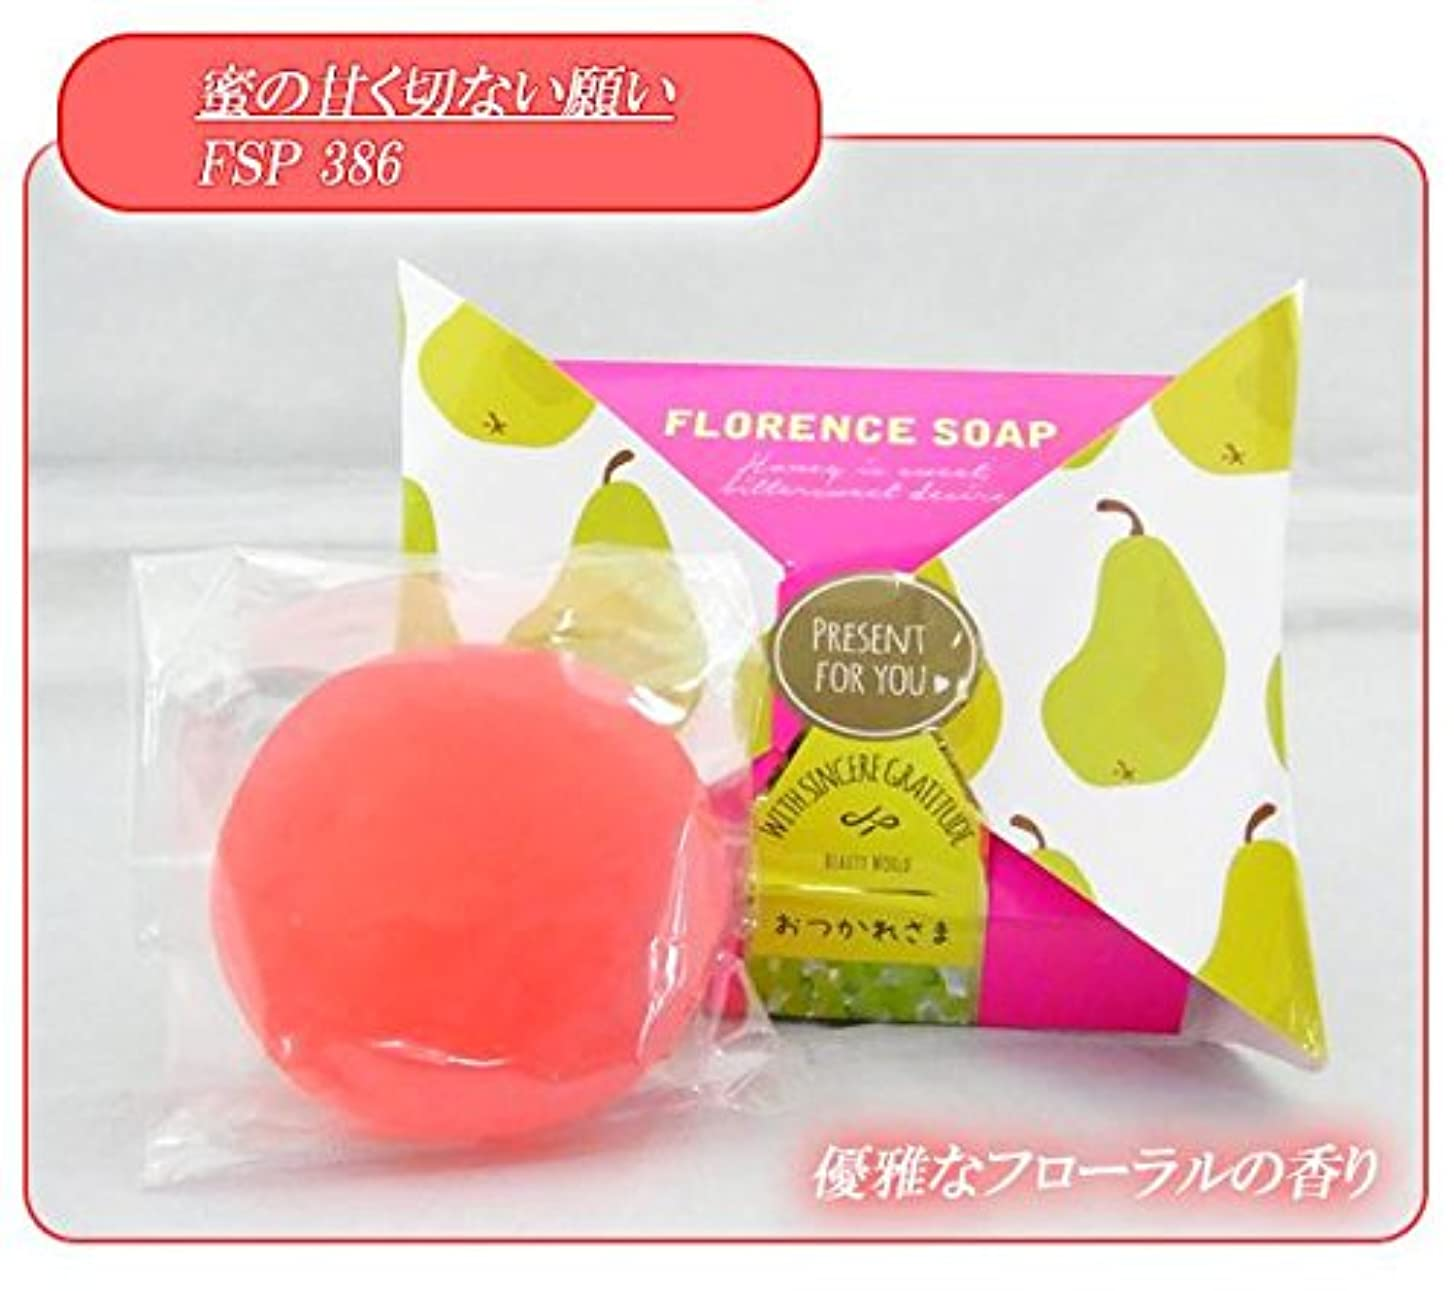 スリッパ振動する電球ビューティーワールド BWフローレンスの香り石けん リボンパッケージ 6個セット 蜜の甘く切ない願い